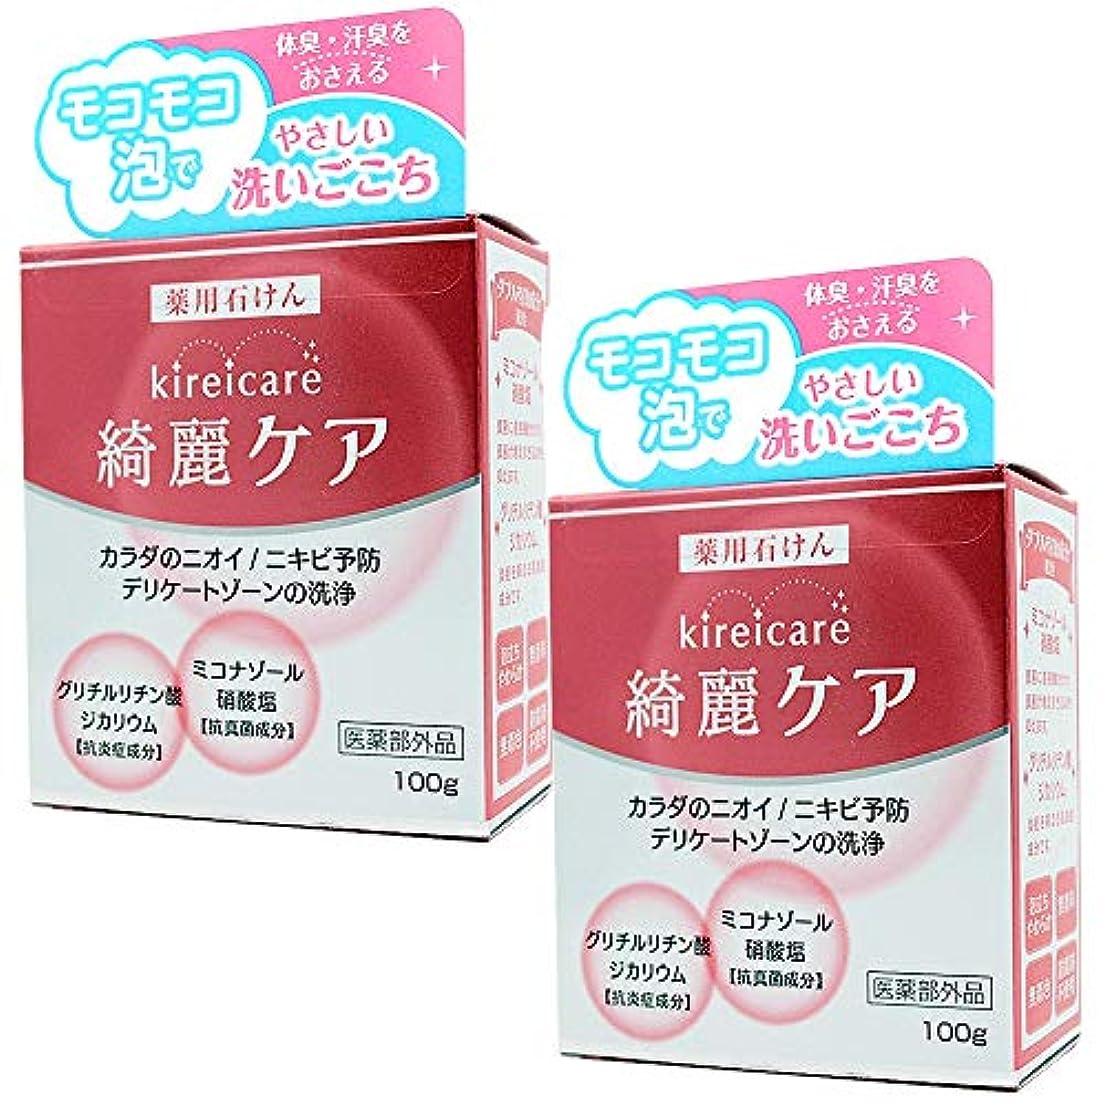 生まれアリス防止白金製薬 ミコナゾール 綺麗ケア 薬用石けん 100g [医薬部外品] 2個セット